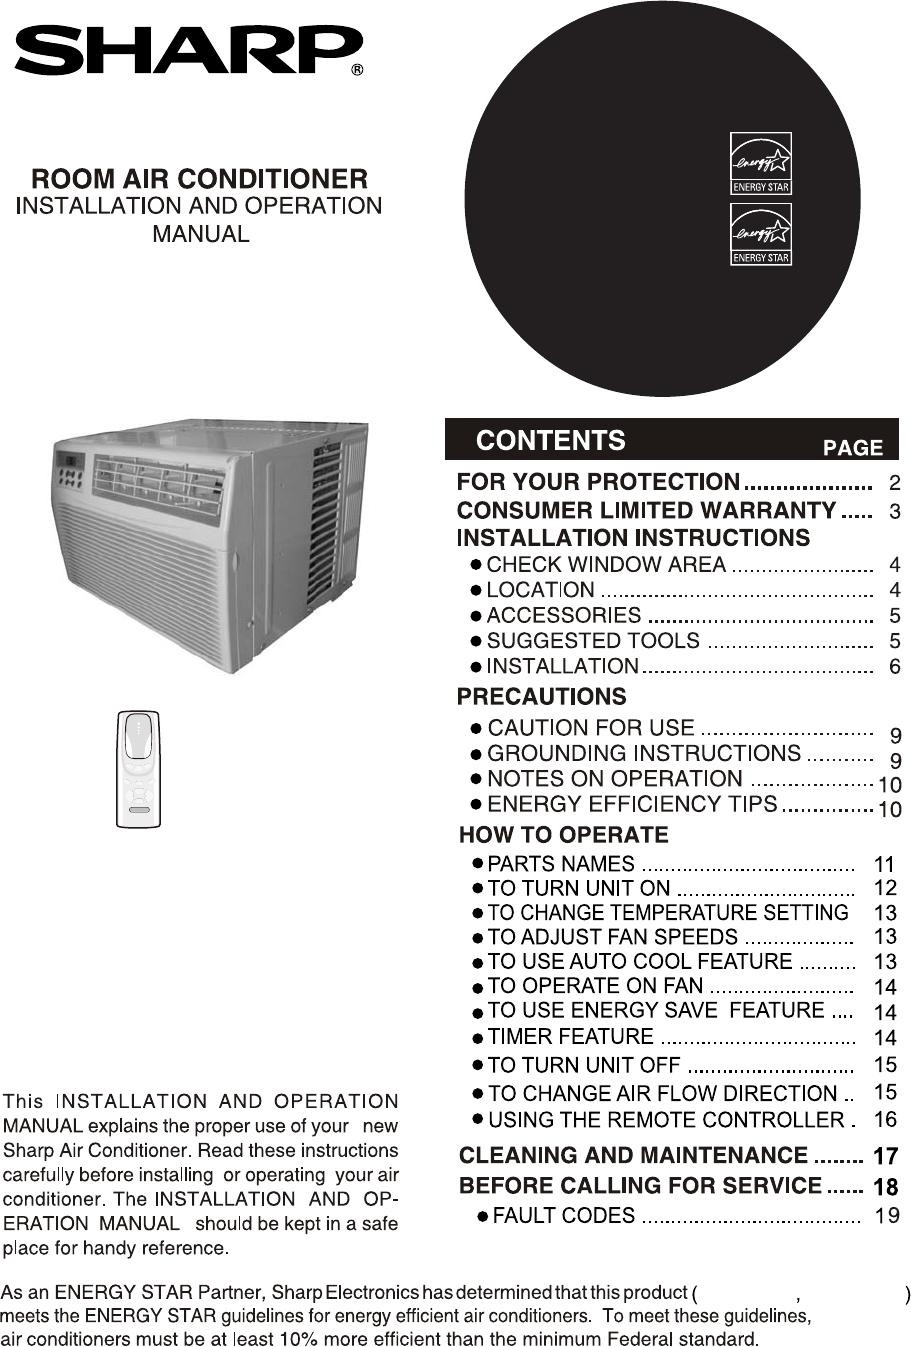 brivis air conditioner user manual